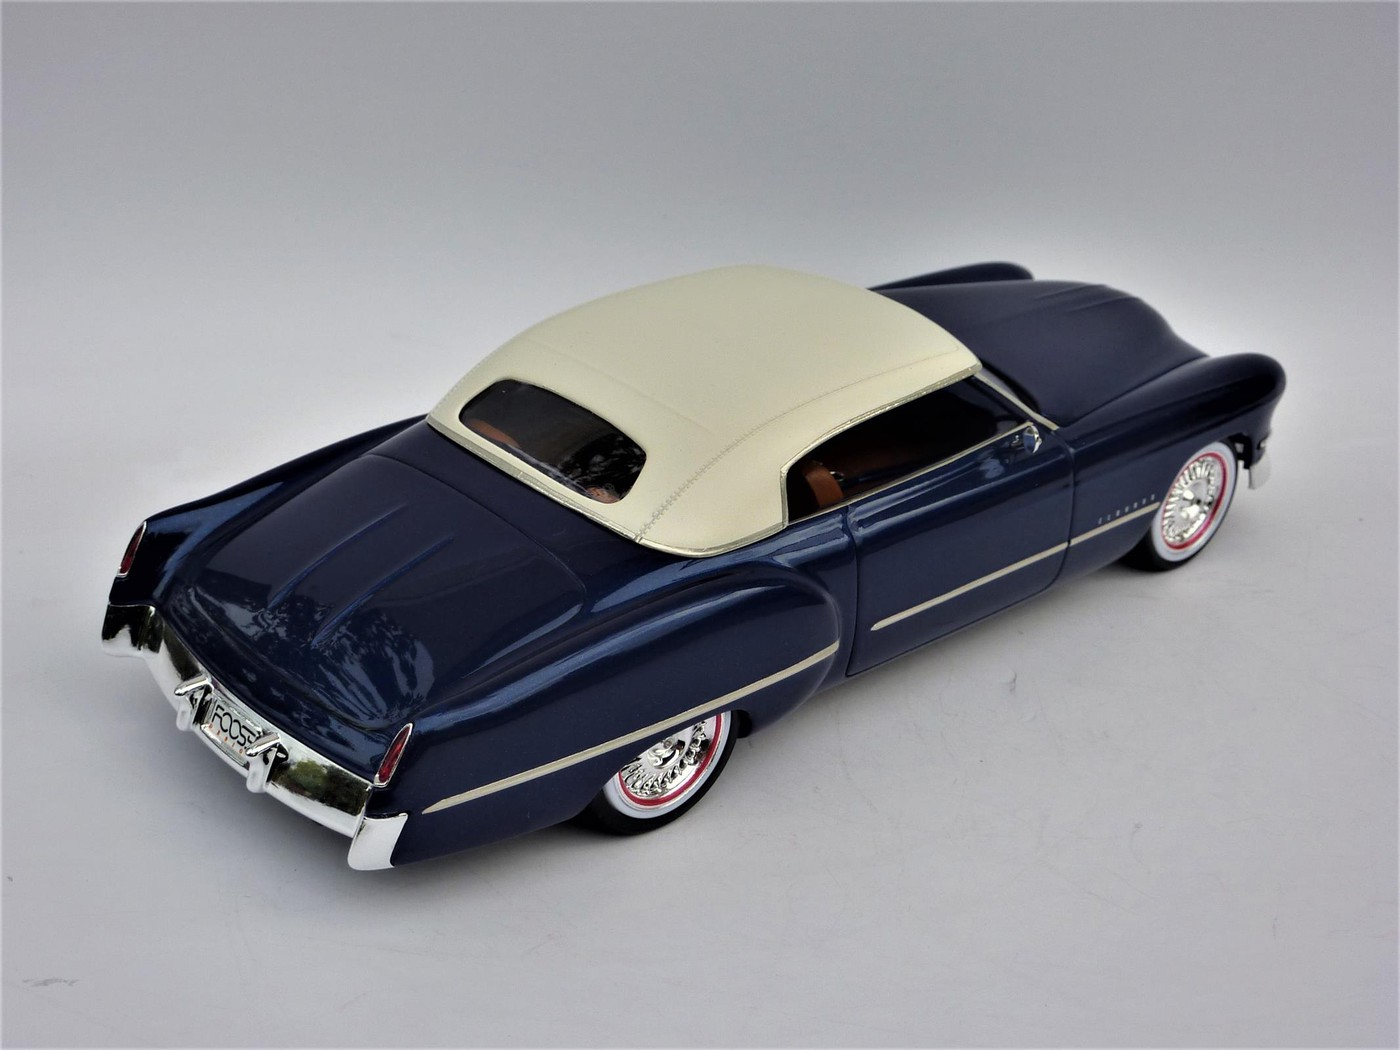 Projet Cadillac 48 Foose  - Page 2 Photo11-vi